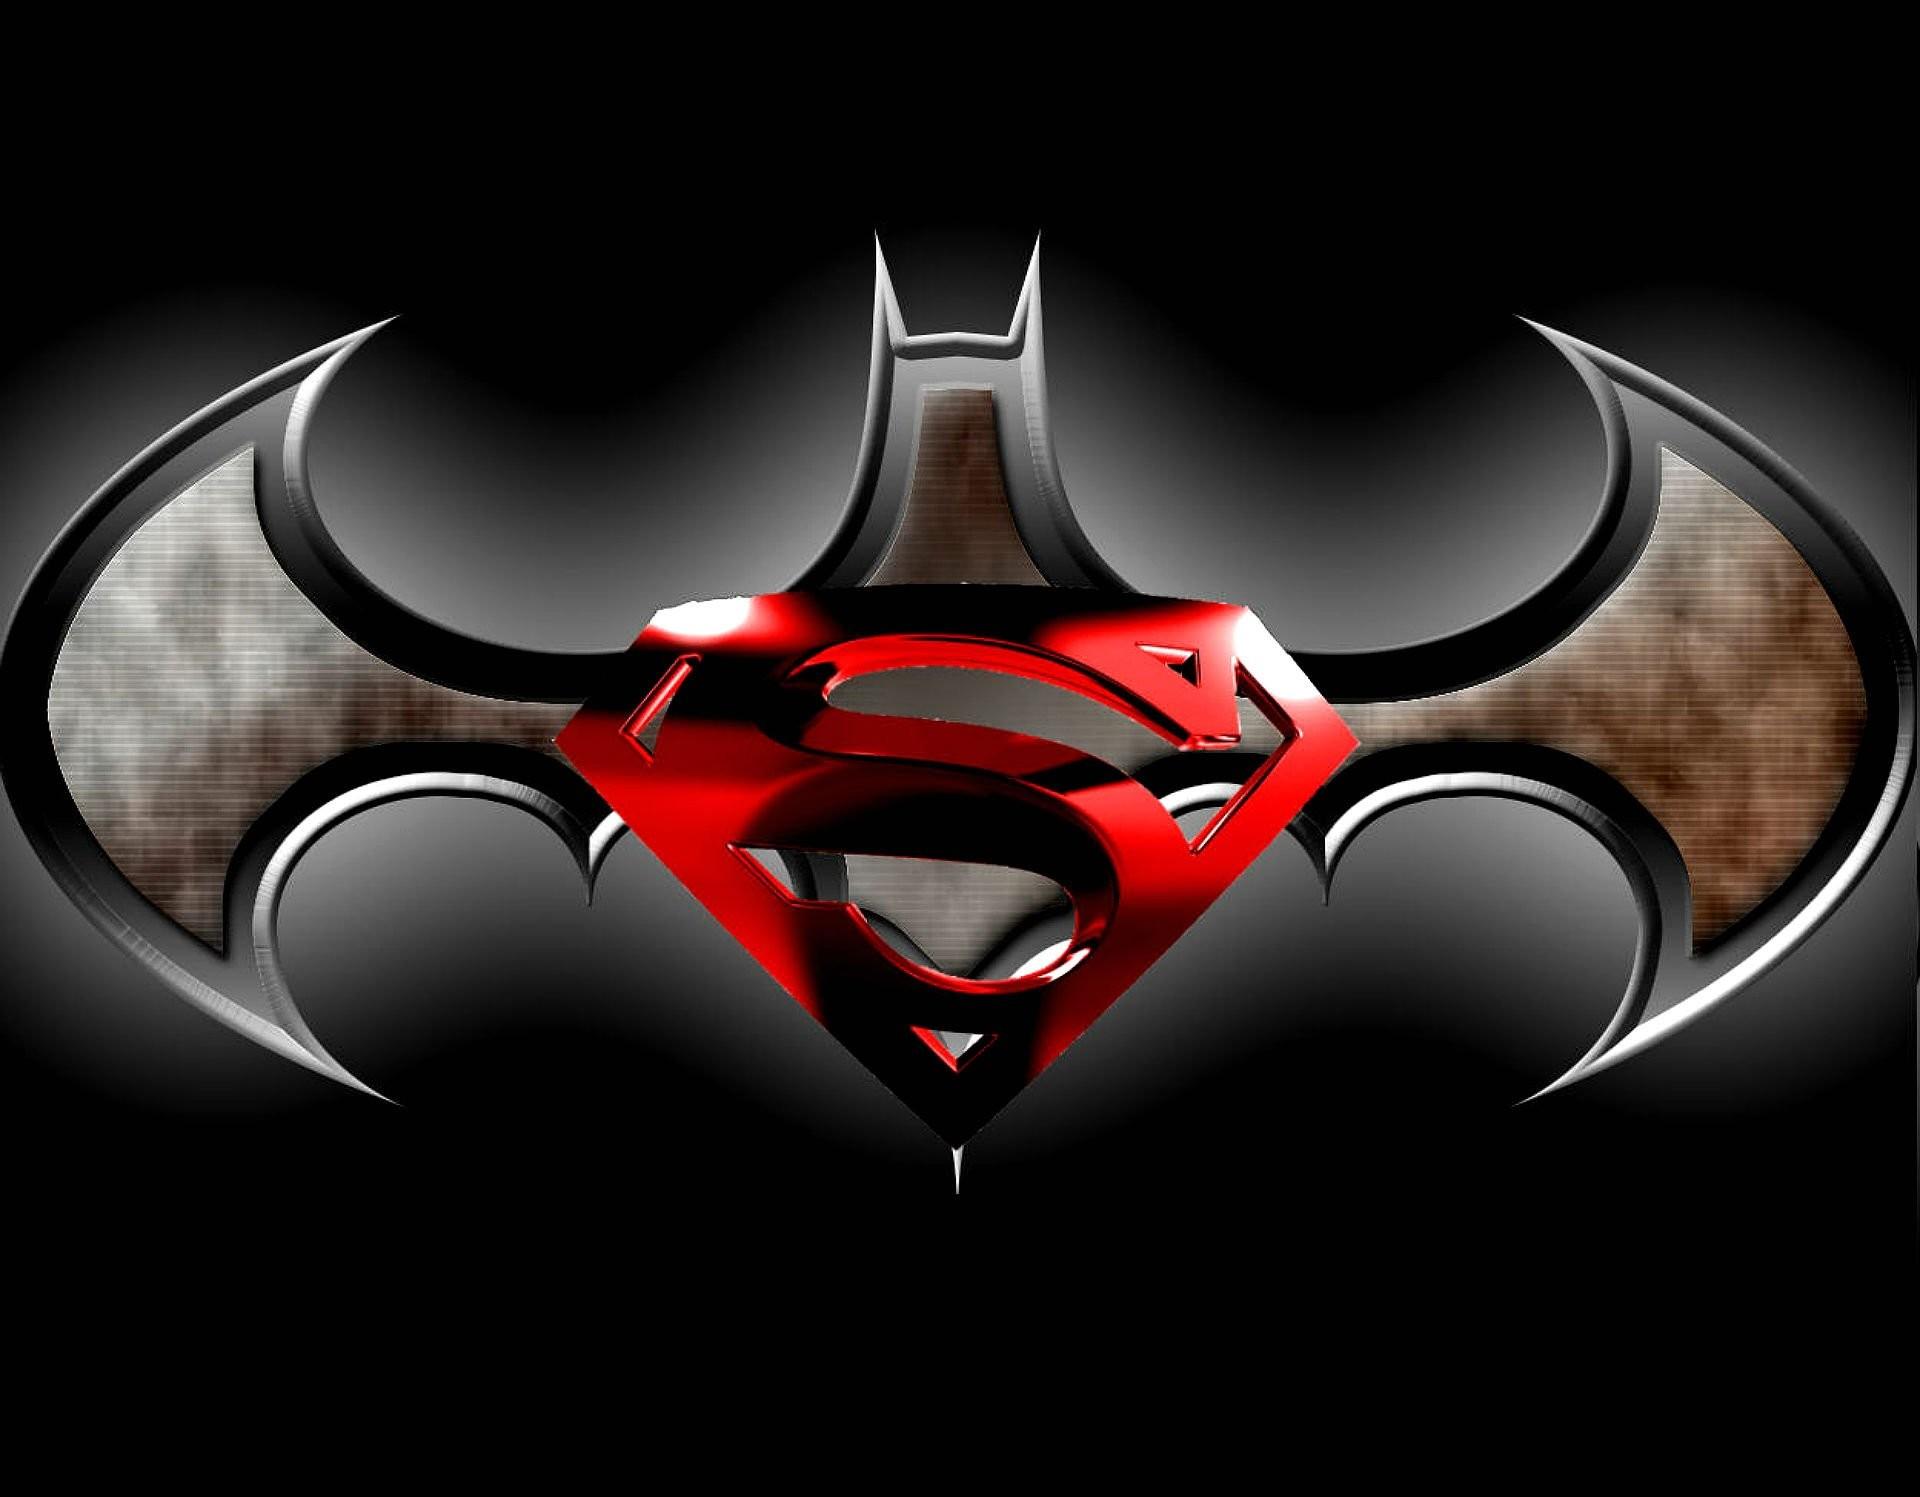 Res: 1920x1497, BATMAN-v-SUPERMAN adventure action dc-comics d-c superman batman dark  knight superhero dawn justice (72) wallpaper |  | 388387 |  WallpaperUP